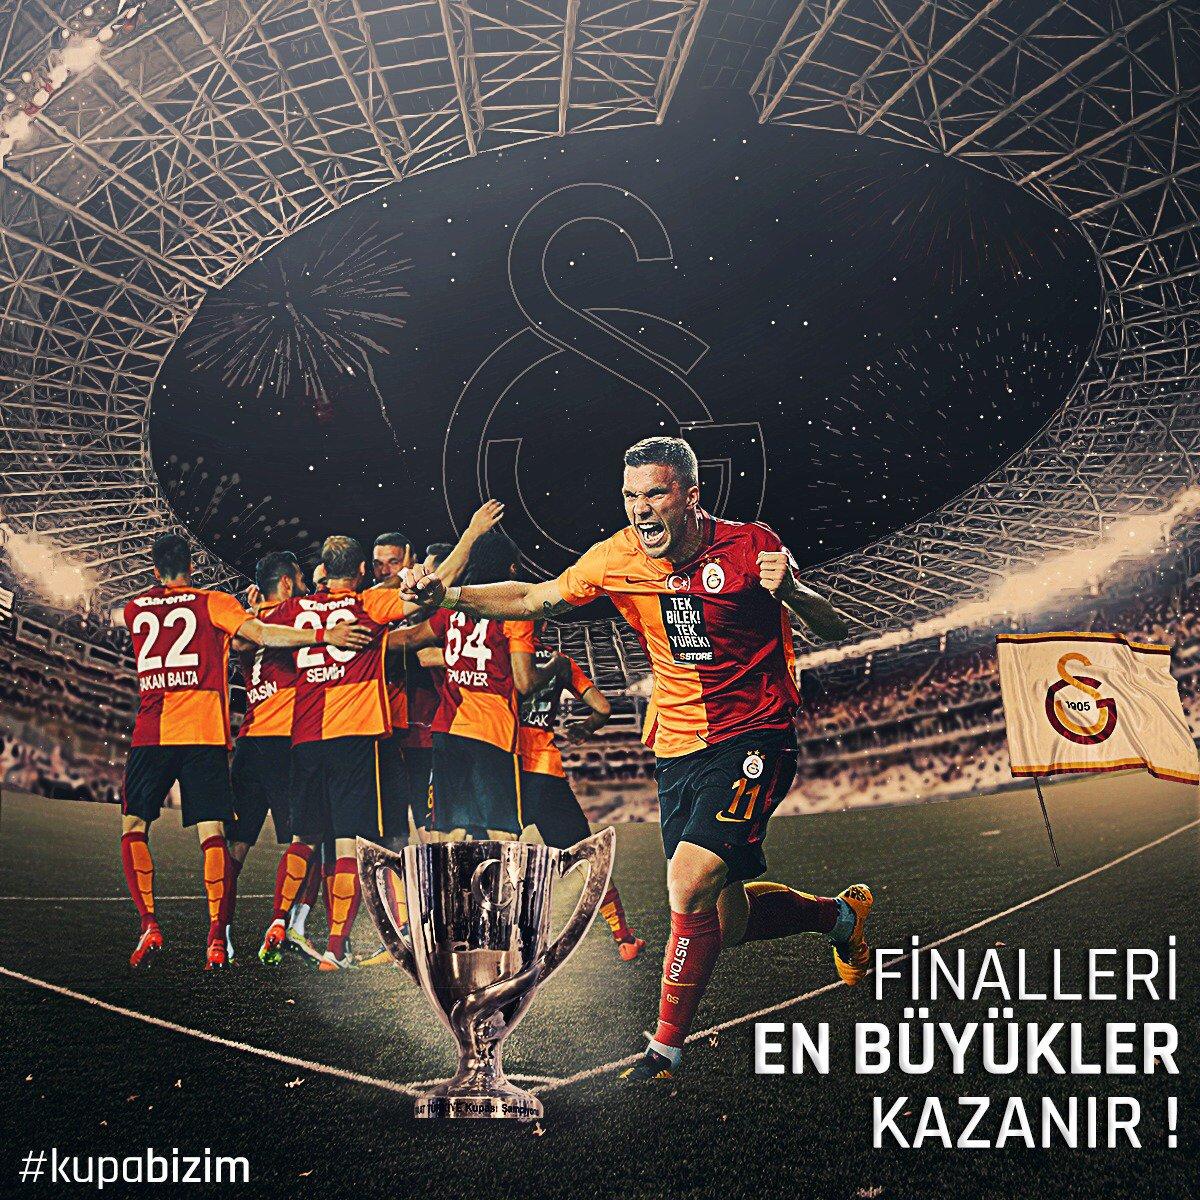 Finalleri En Büyükler Kazanır! #KUPABİZİM https://t.co/Z23dKiHov4